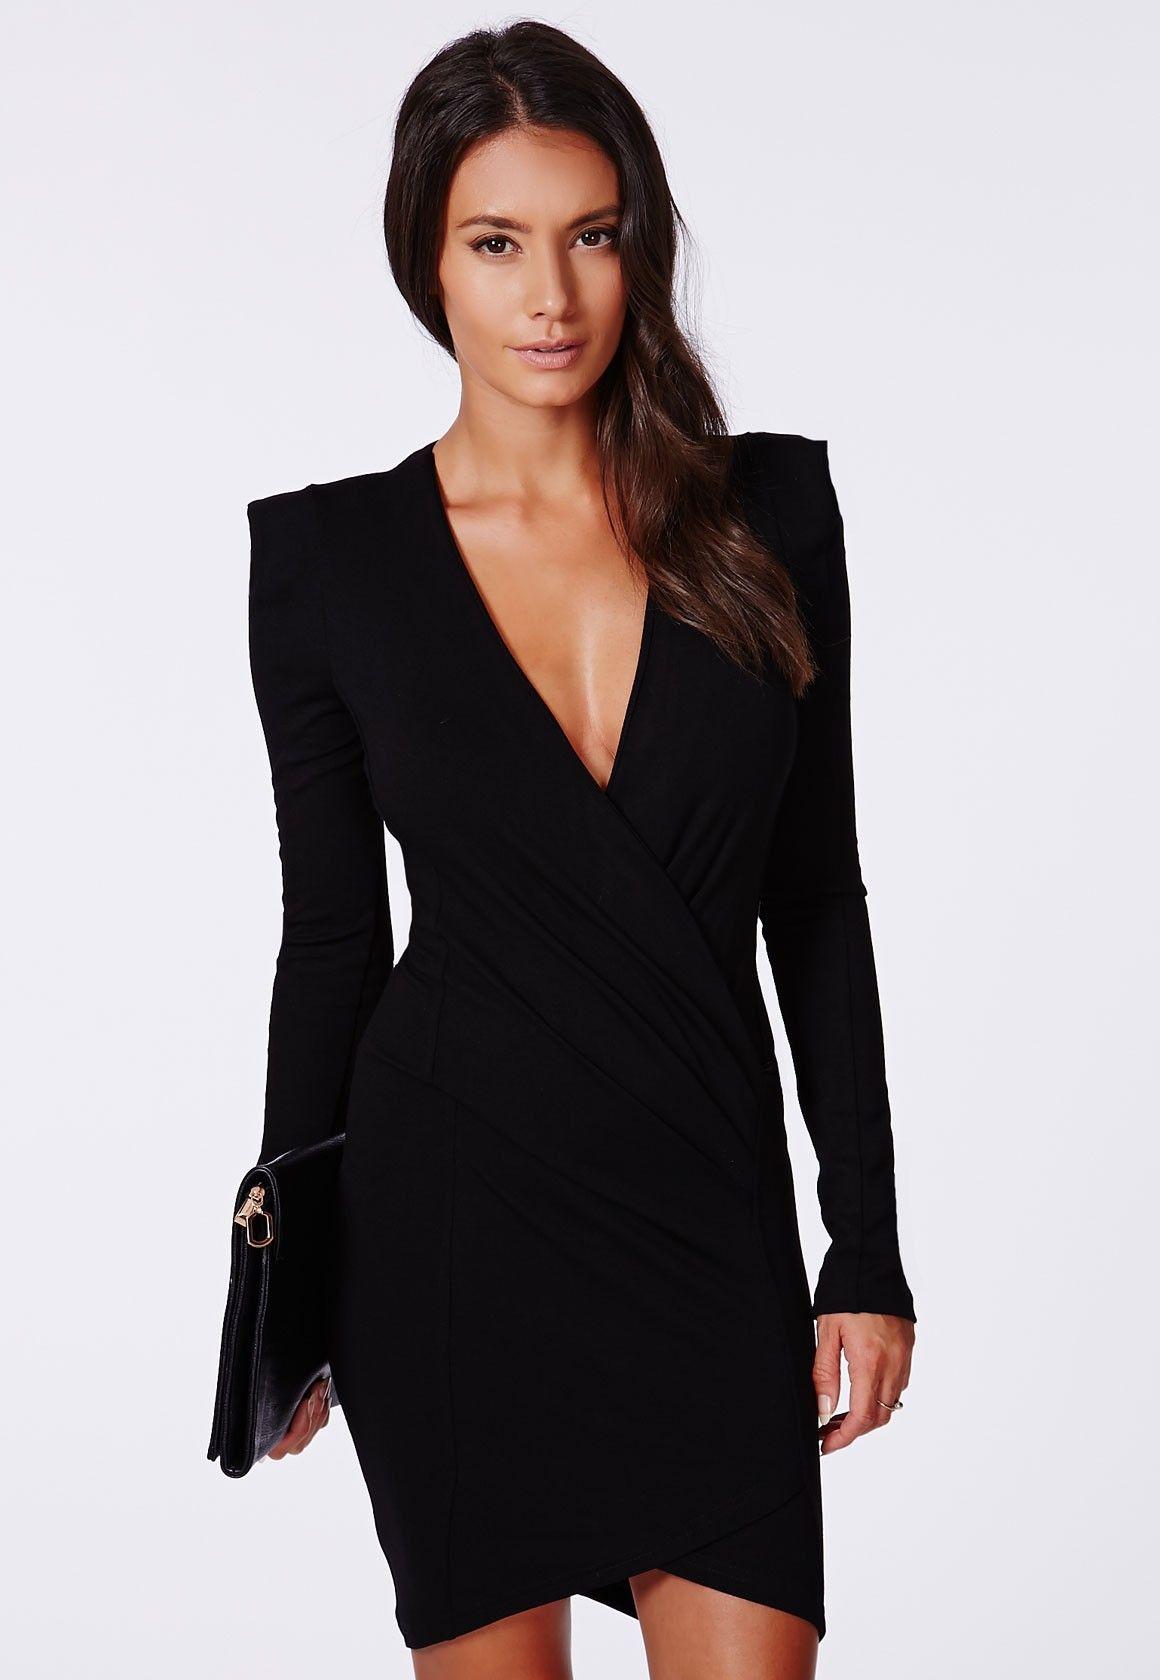 6ffb4102cad2a Missguided - Robe moulante cache-cœur Amaline en noir   Robe ...